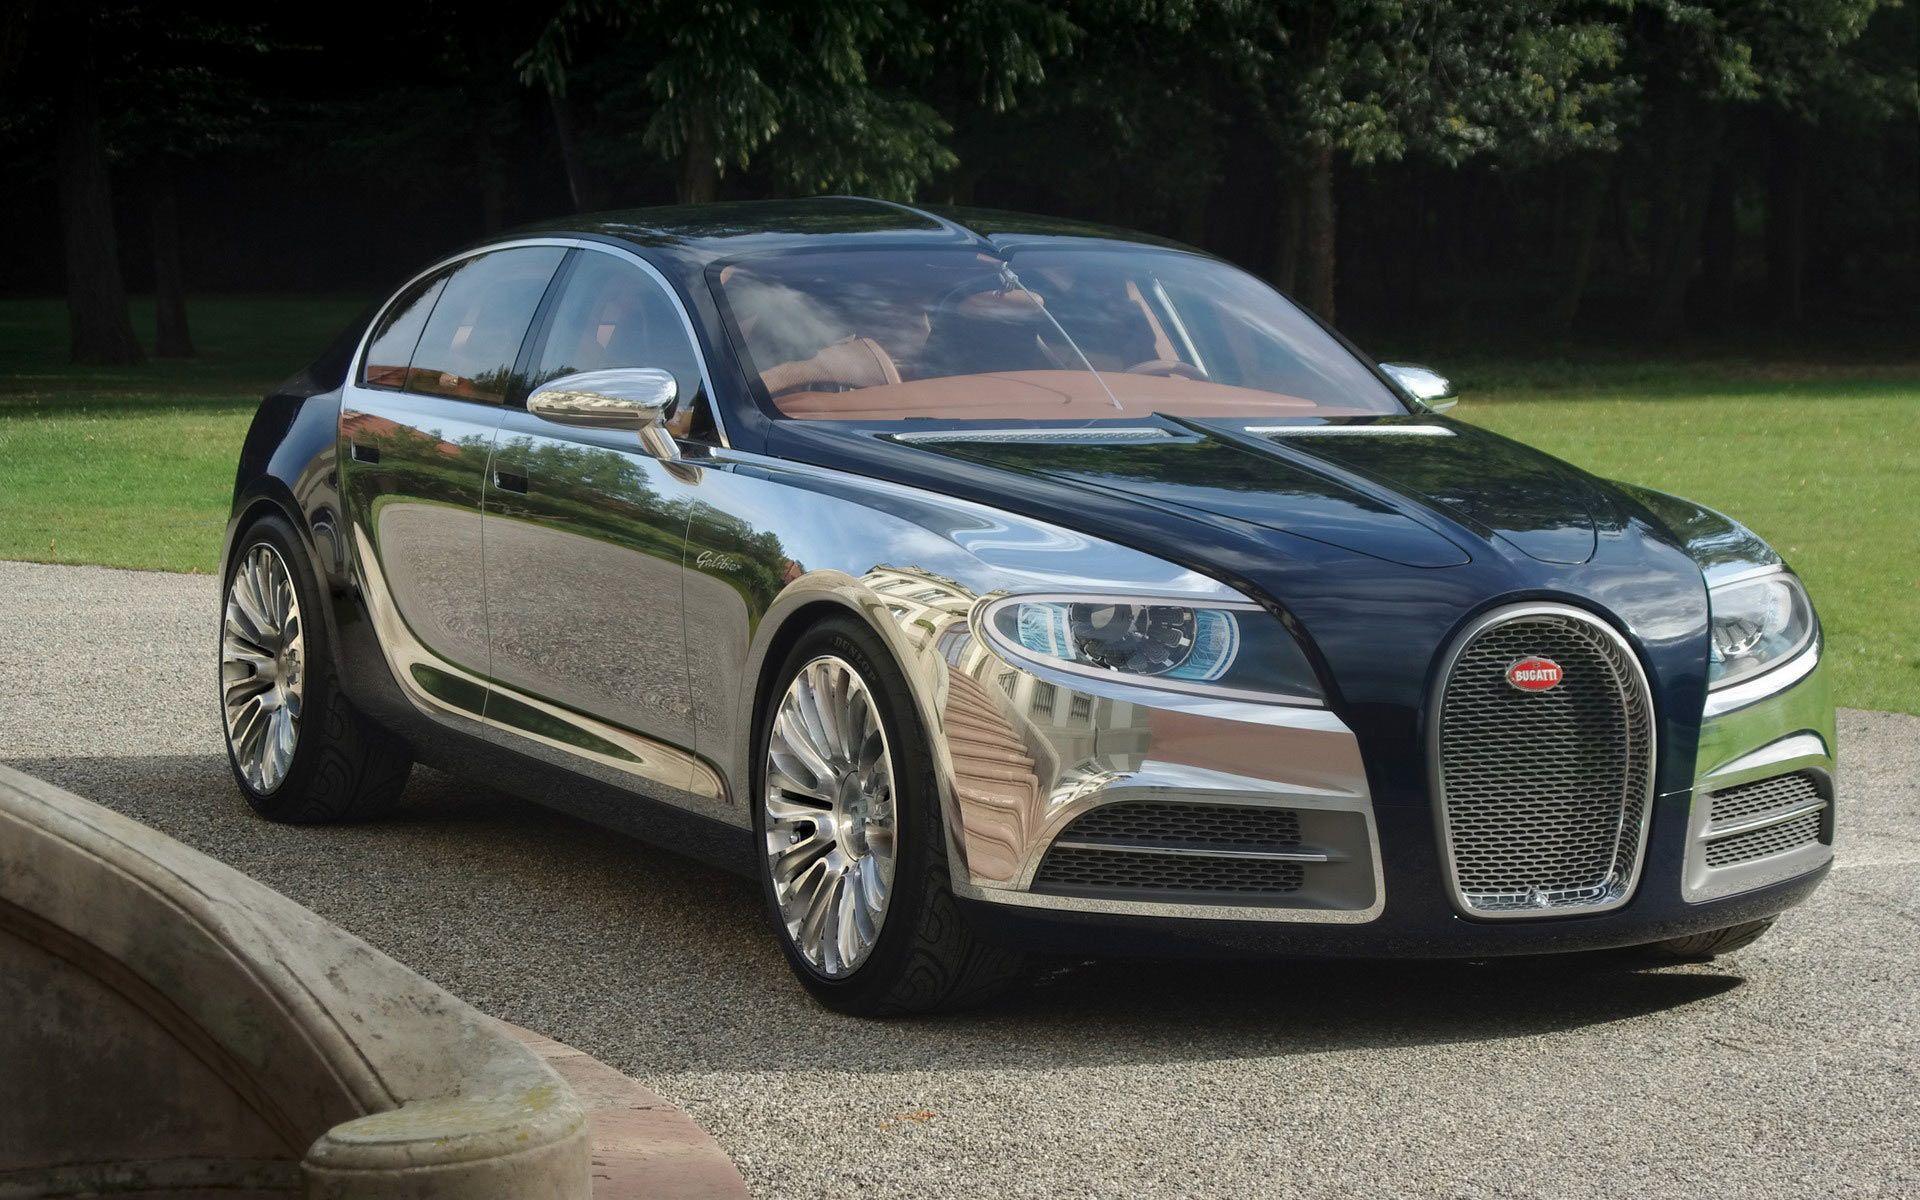 Luxury Cars Desktop Wallpapers Top Free Luxury Cars